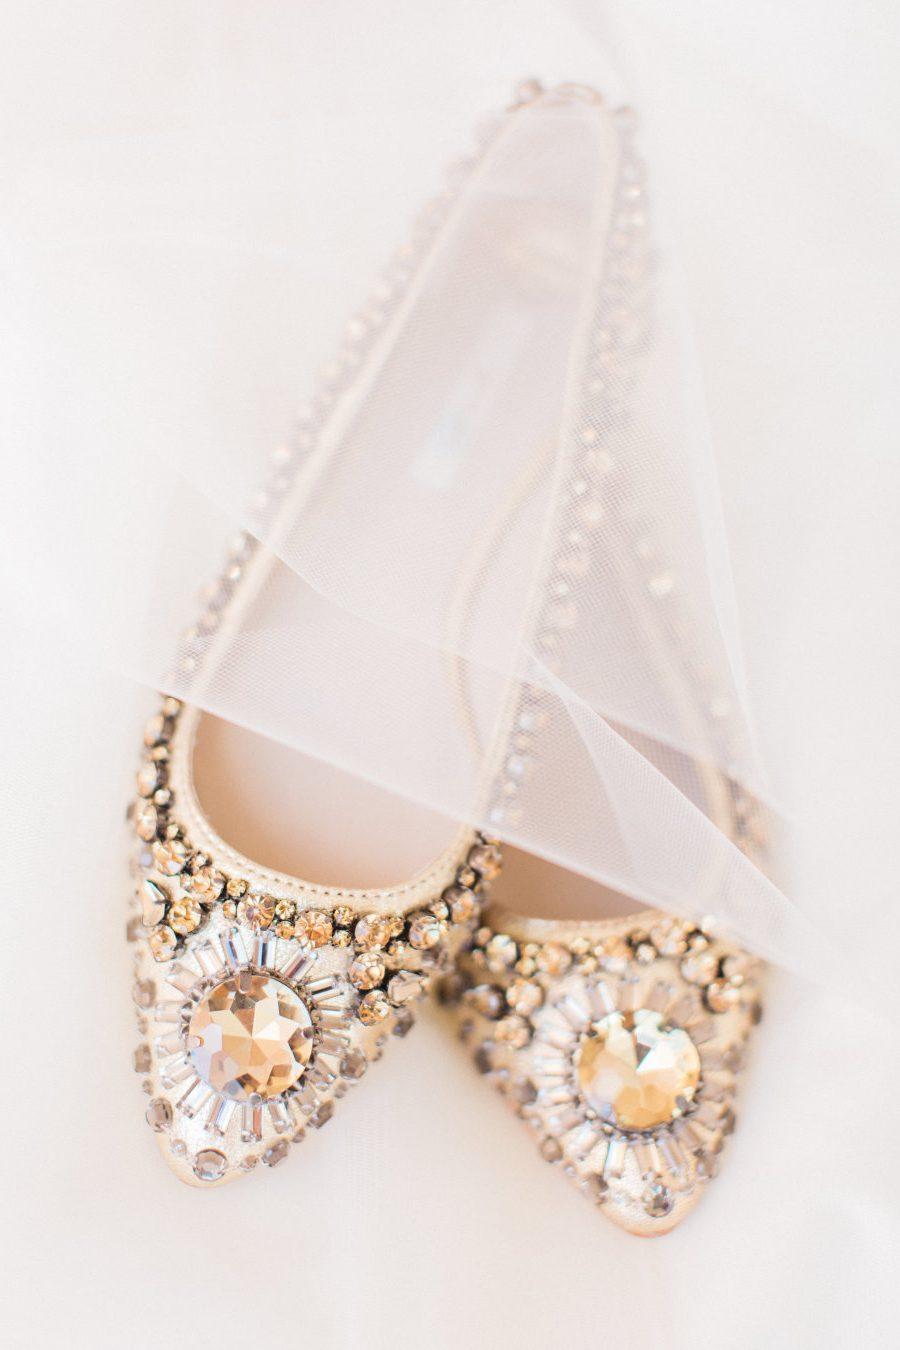 Brautschuhe Ballerinas - Das Gesicht der Adel und Bequemlichkeit